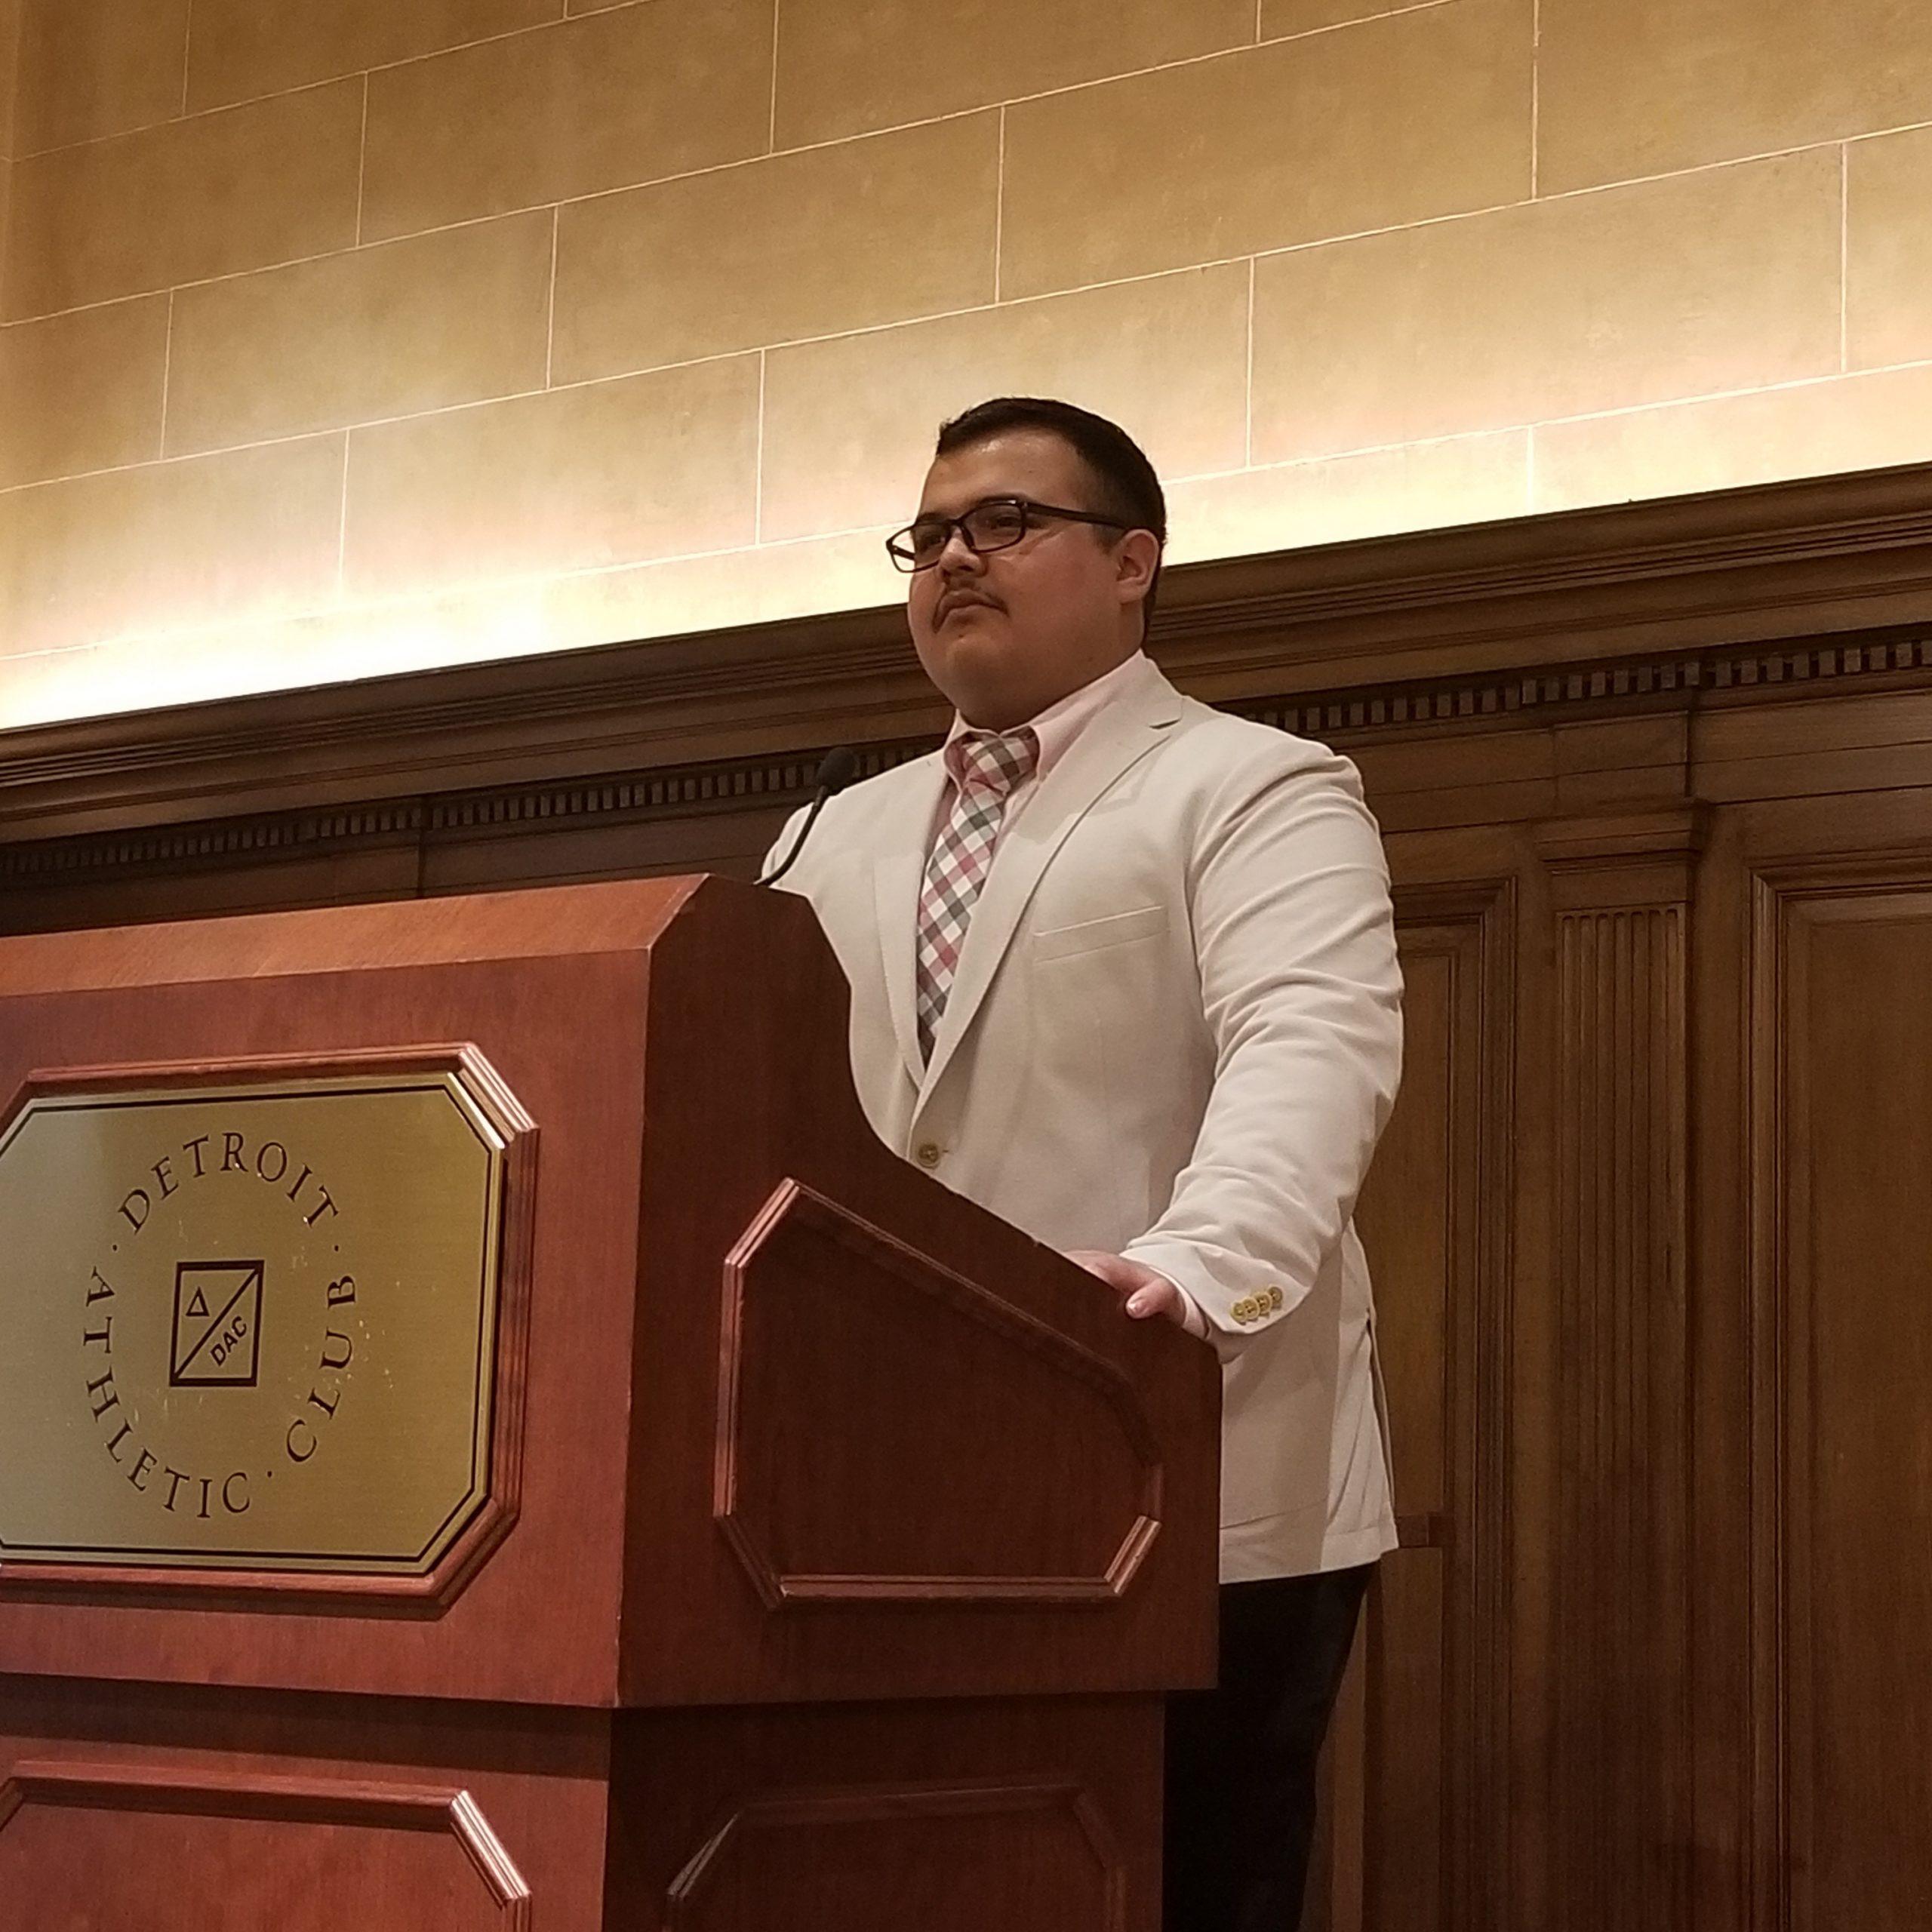 MTU student Marco Marquez stands at a podium